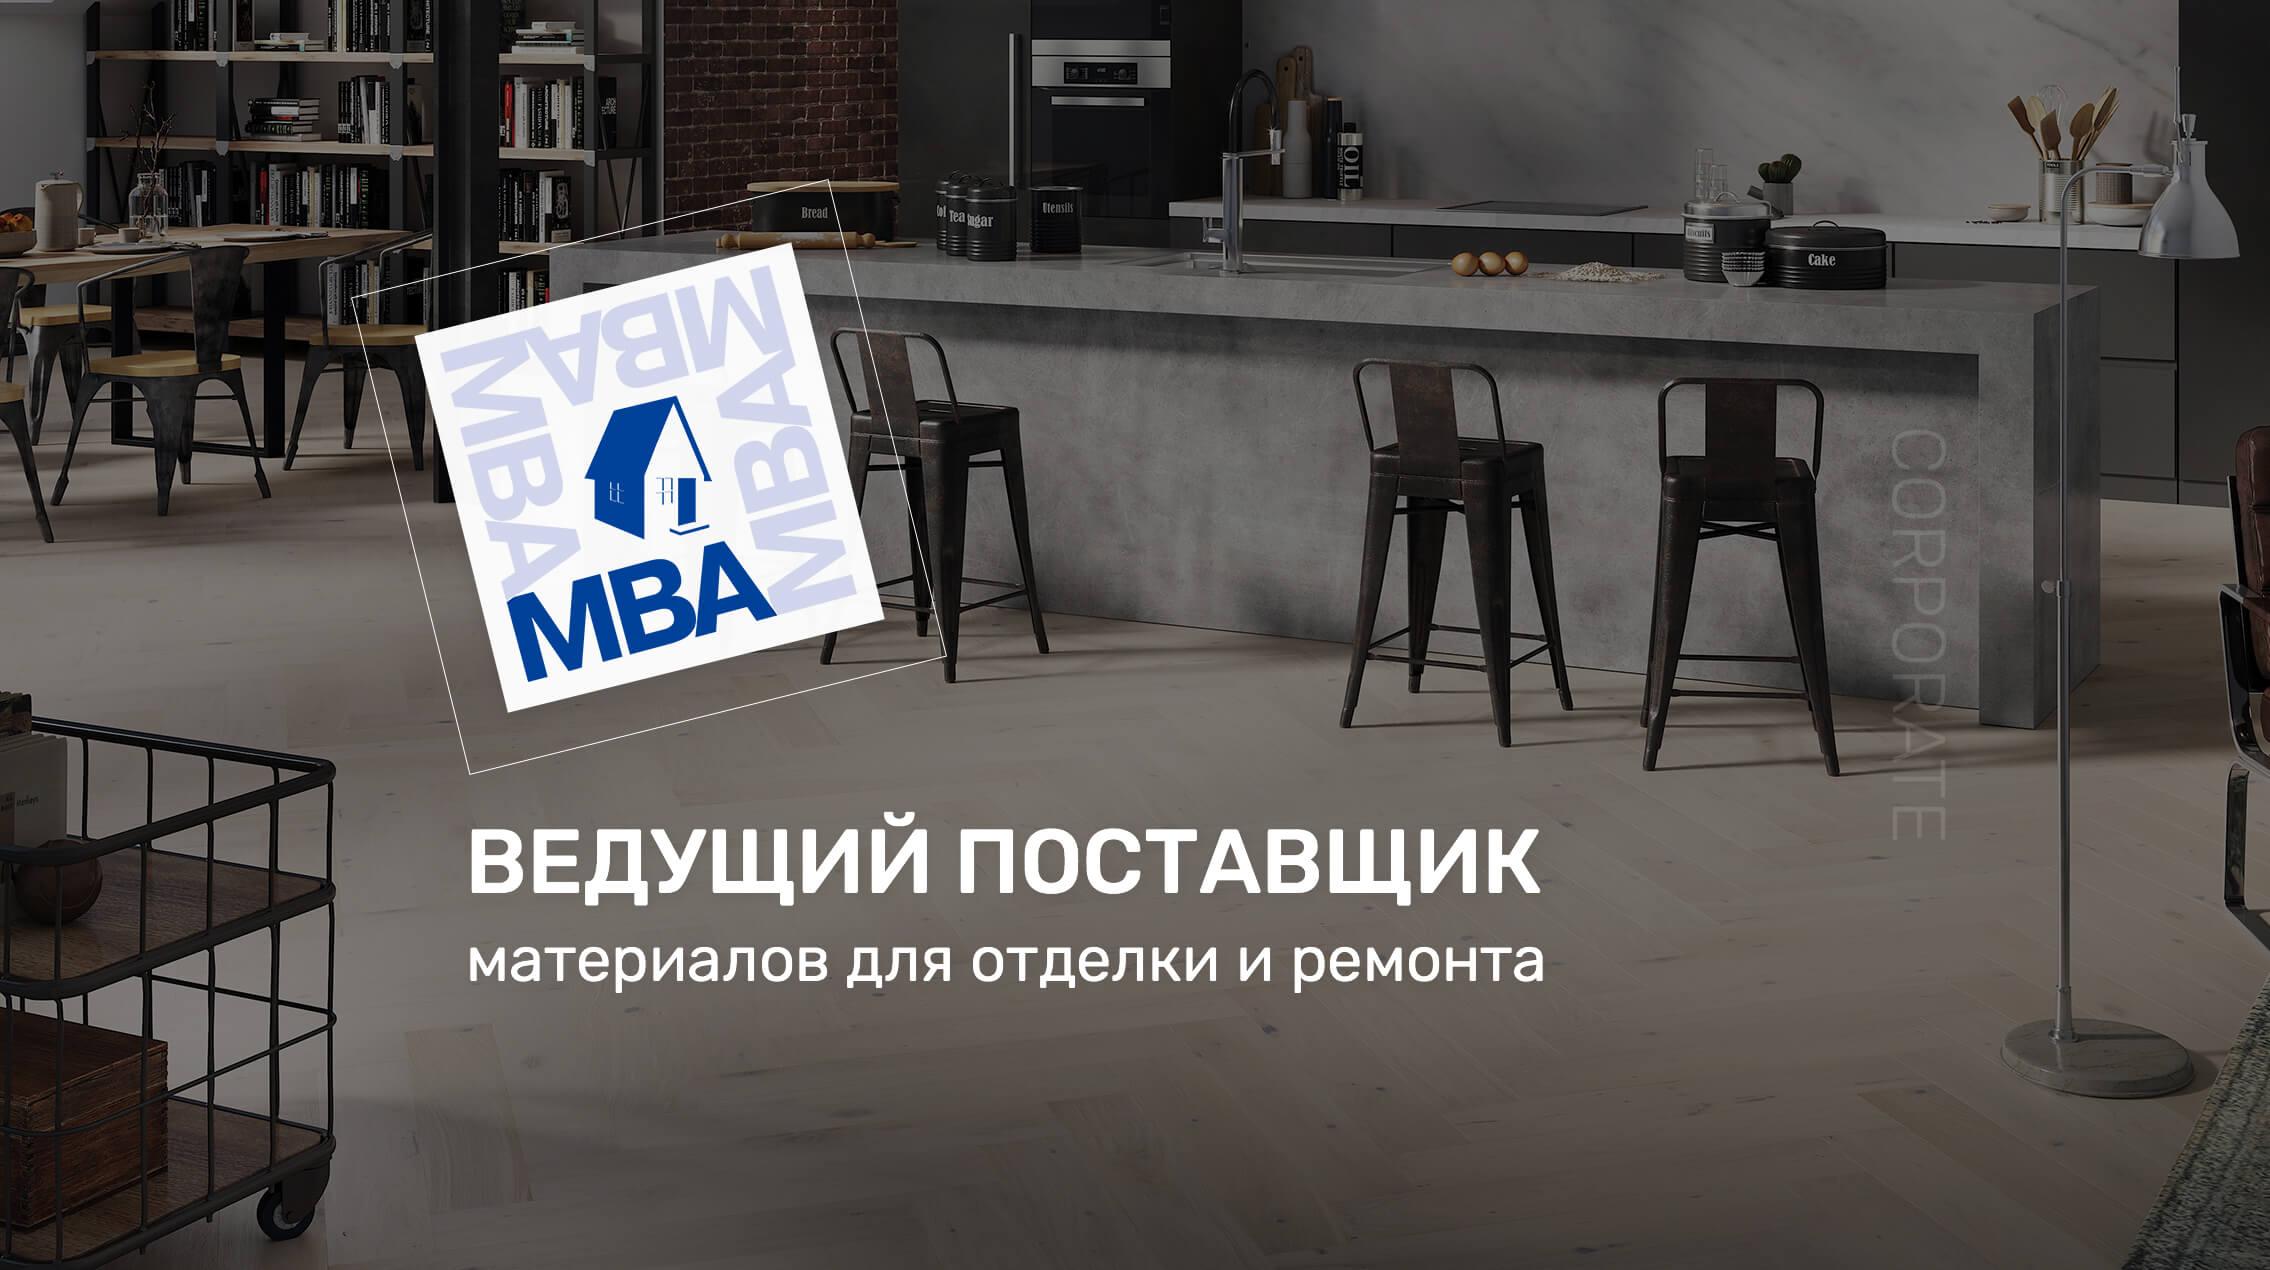 Создание корпоративного сайта MBA